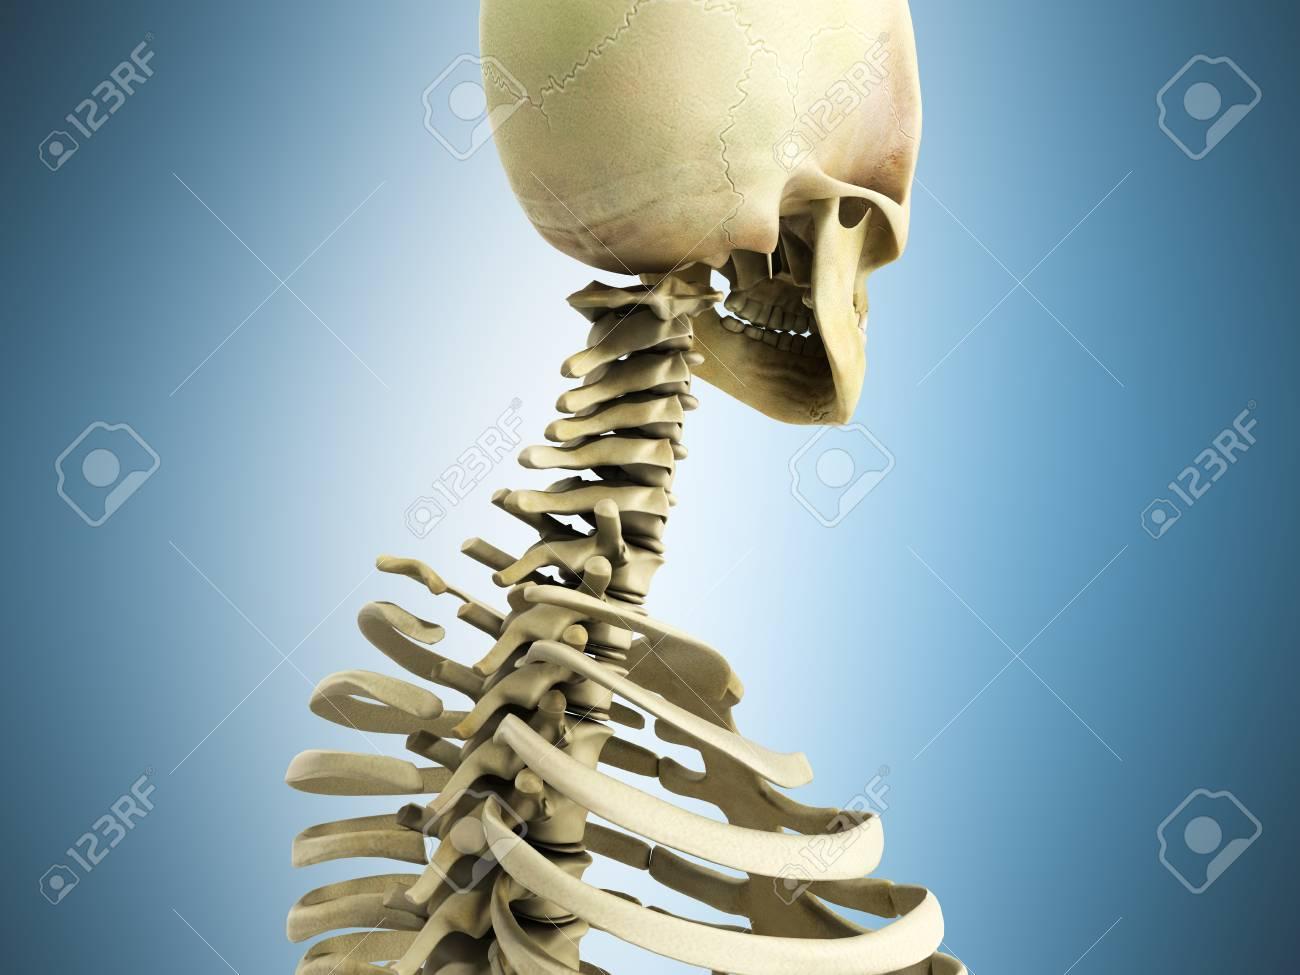 Fantastisch Hauptorgane Des Skelettsystems Ideen - Menschliche ...